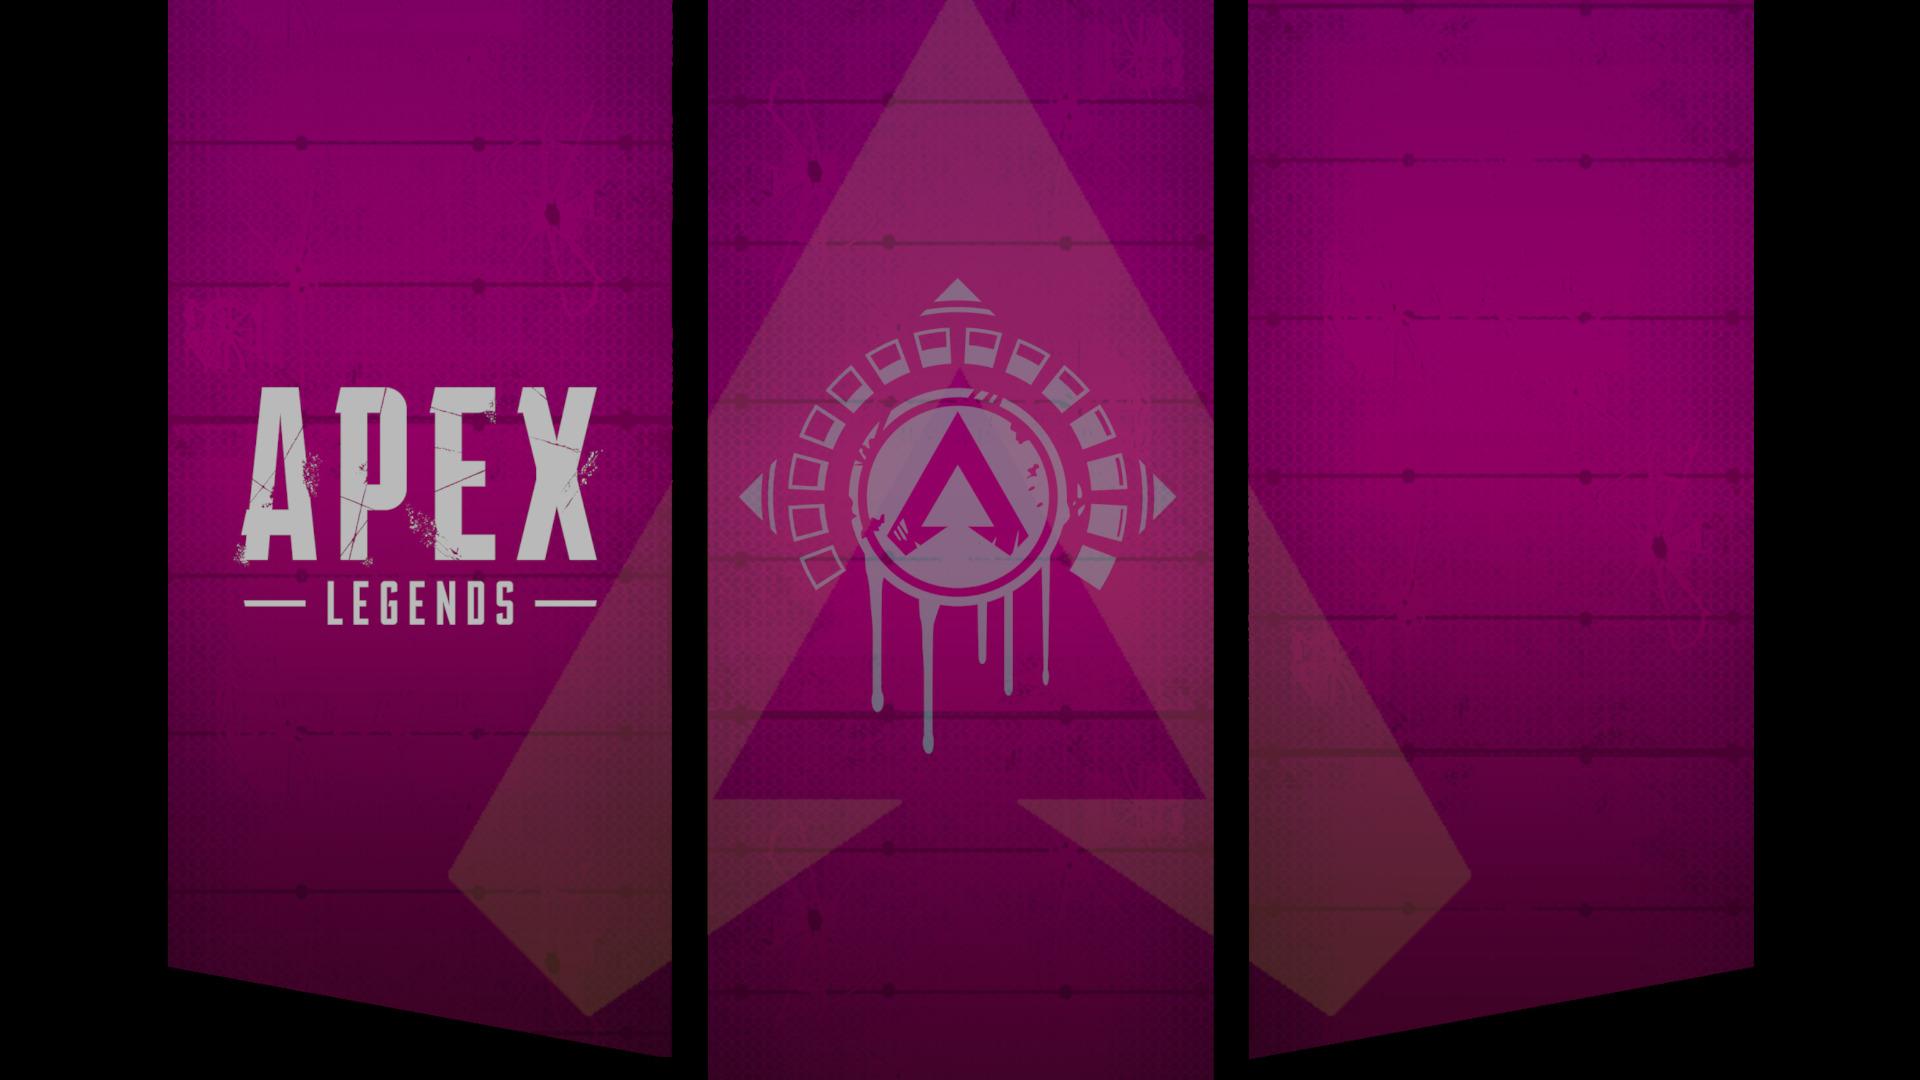 【Apex Legends】名前(プレイヤー名、ID)を日本語にする方法【エーペックスレジェンズ】